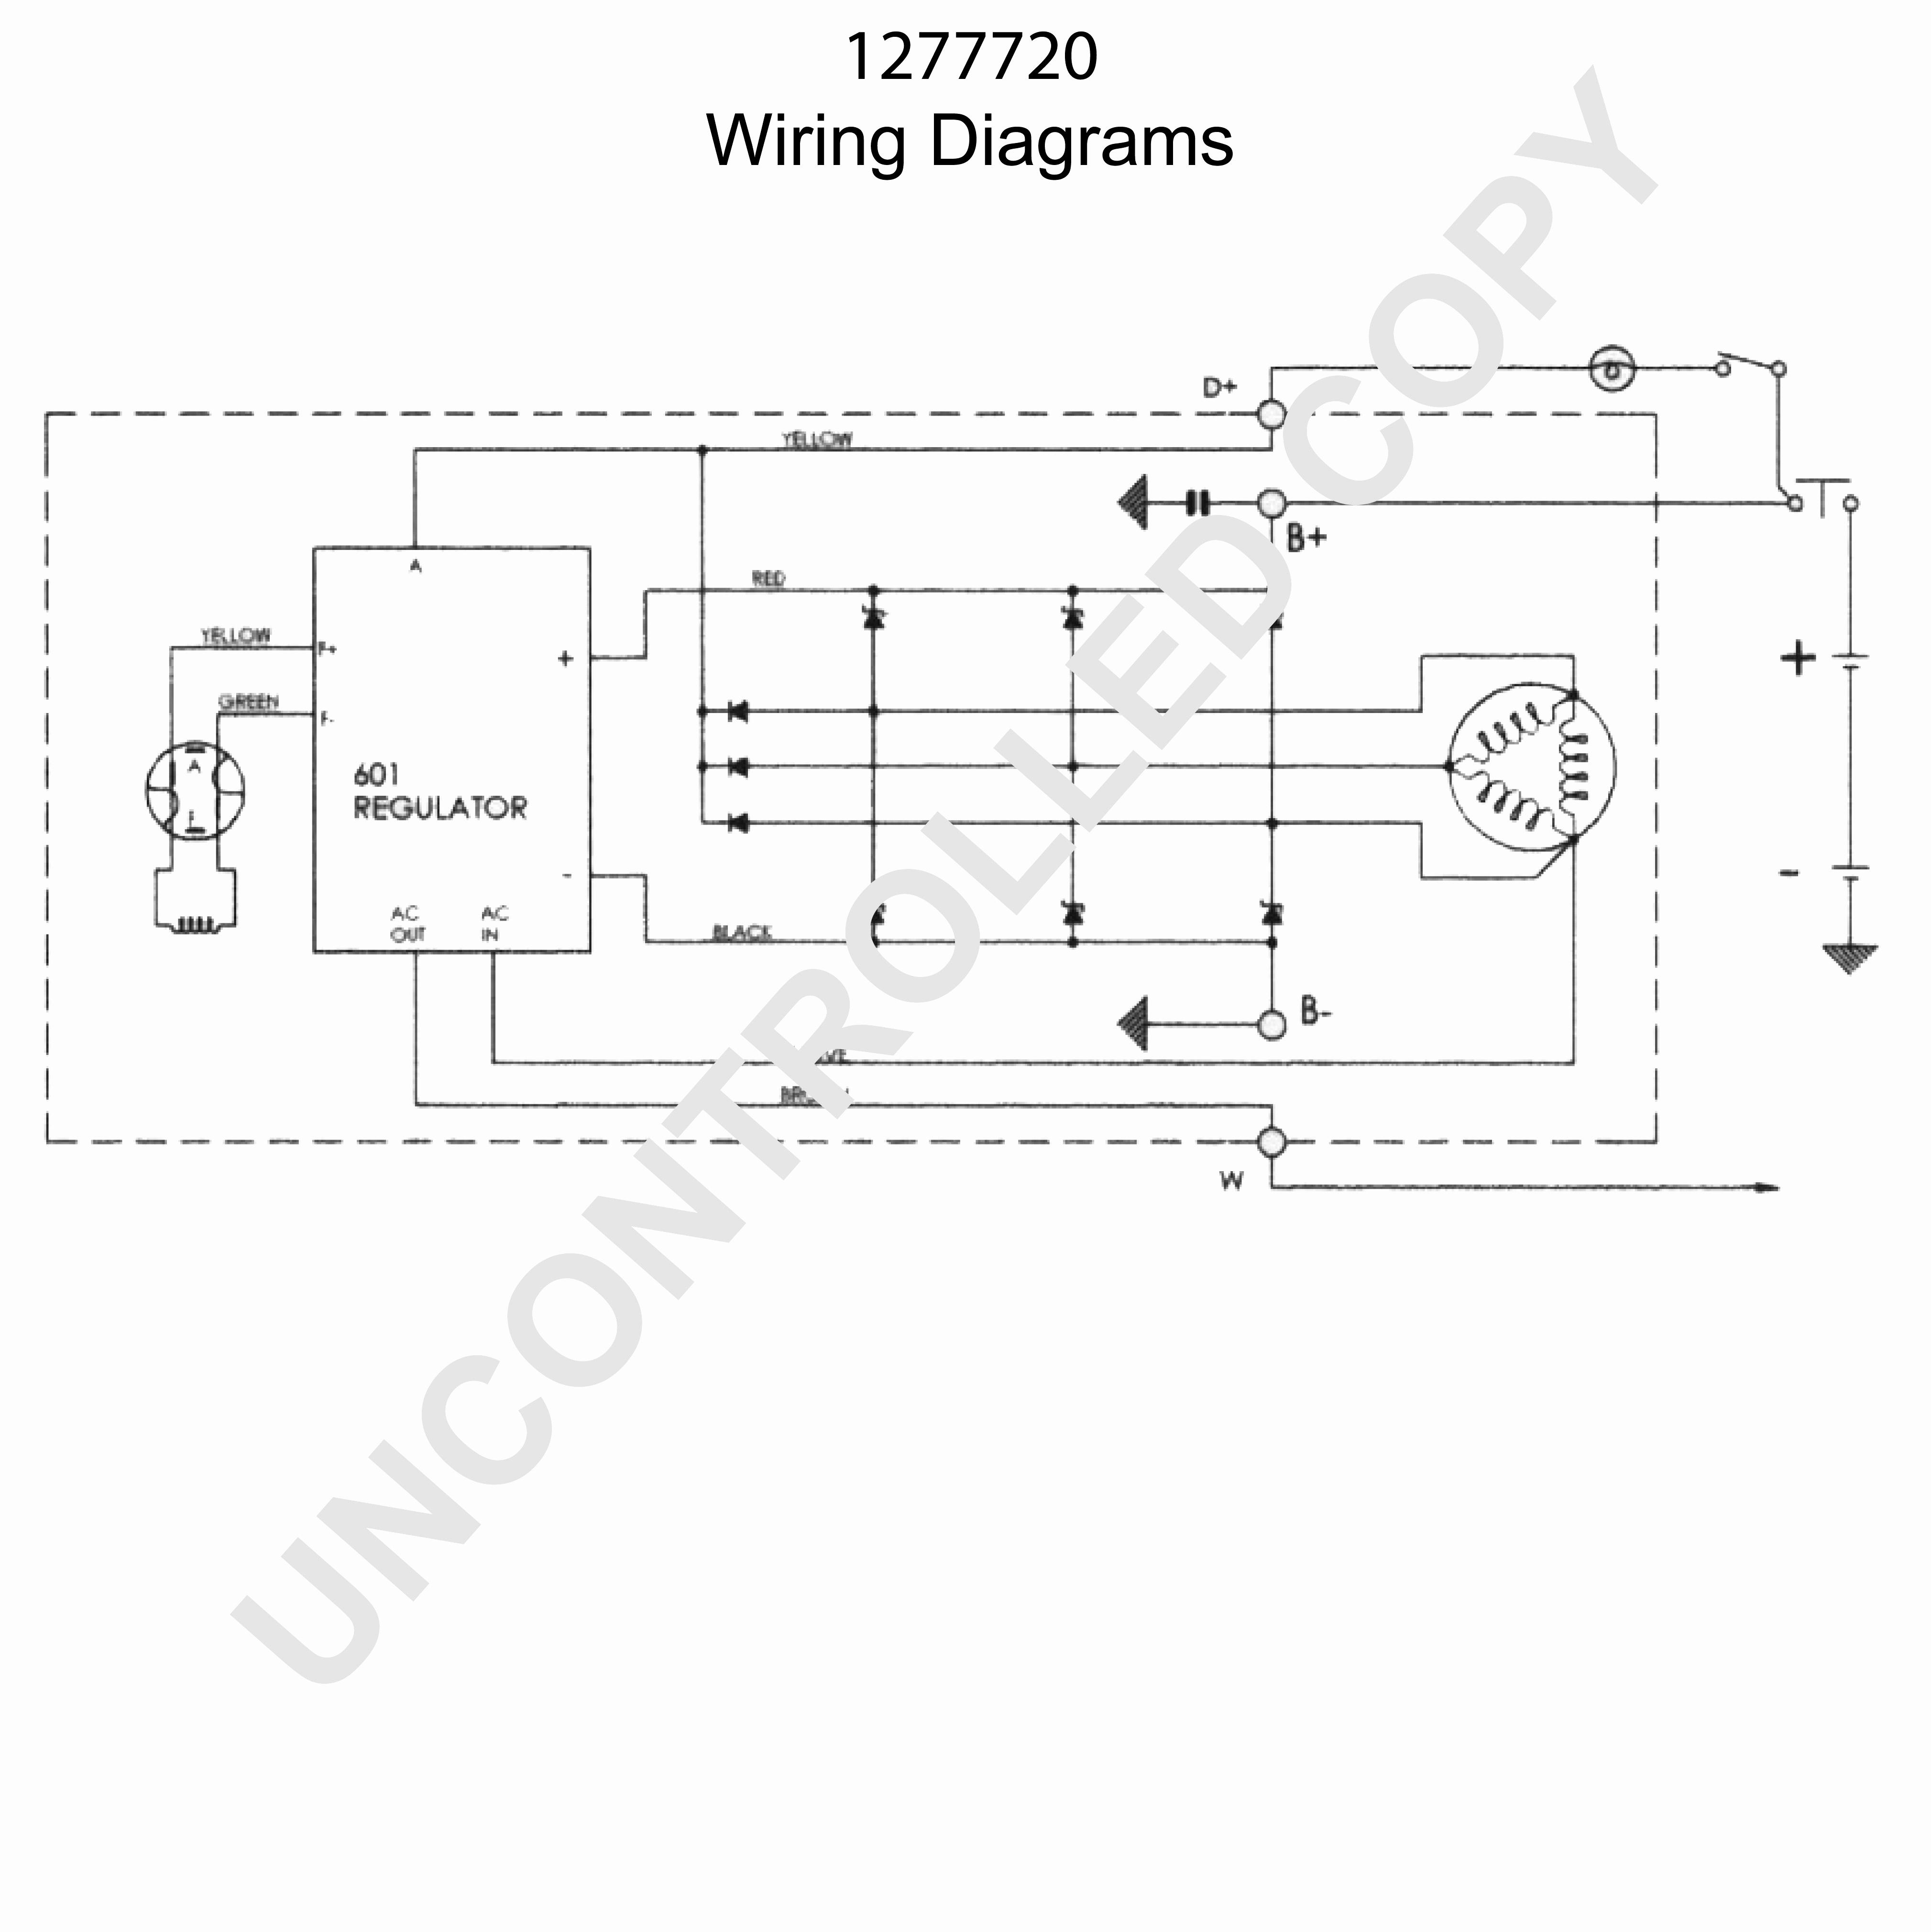 Dodge Alternator Wiring Diagram Free Mopar Full Size Of Lovely 50